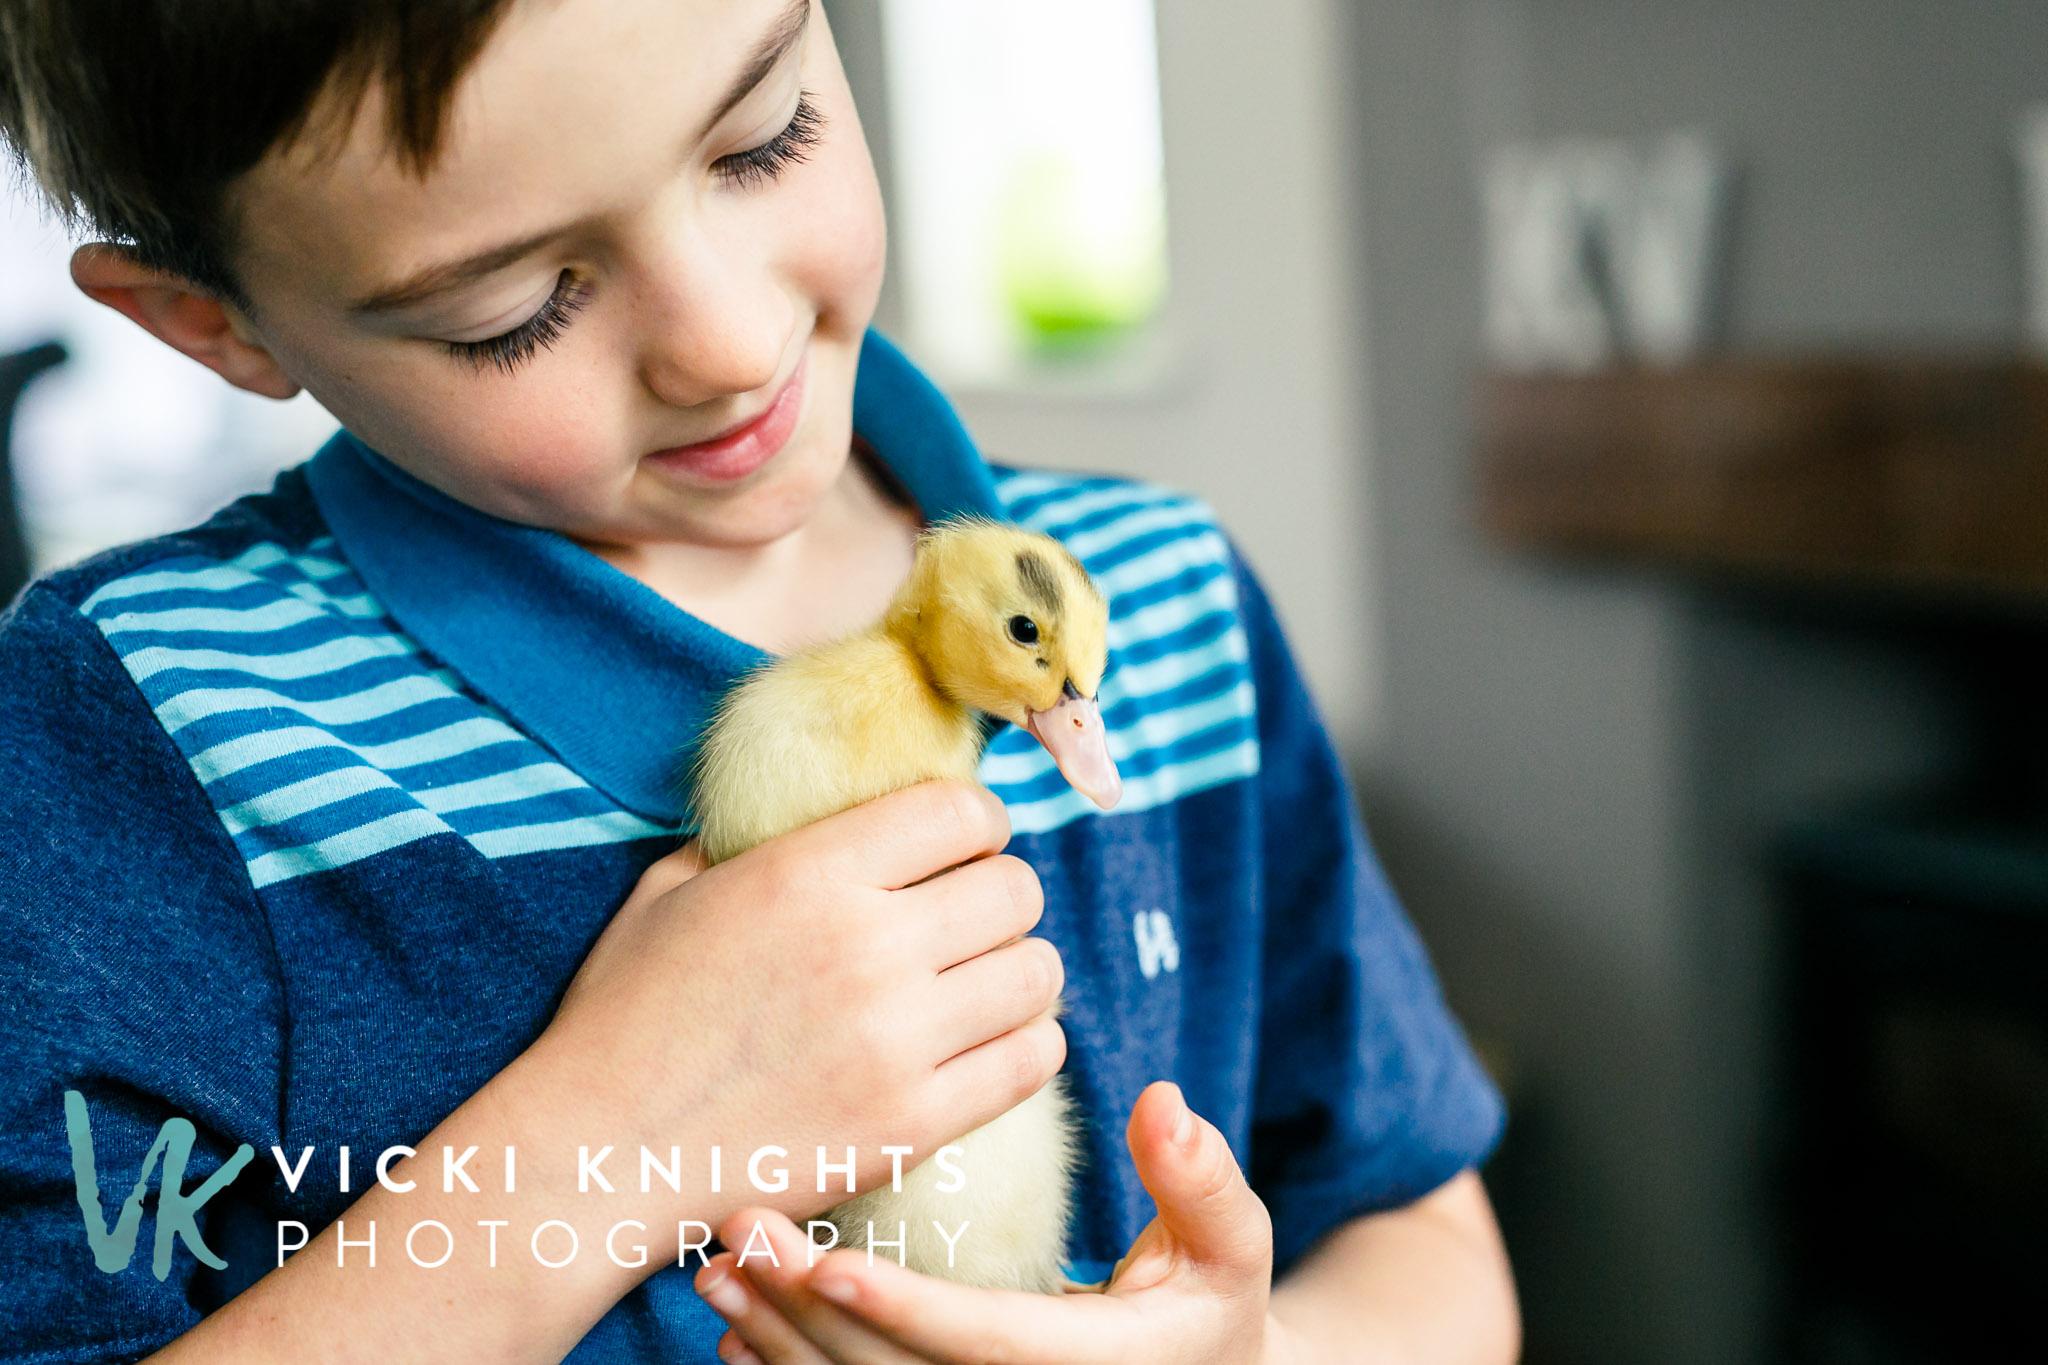 ducklings-vkp-8